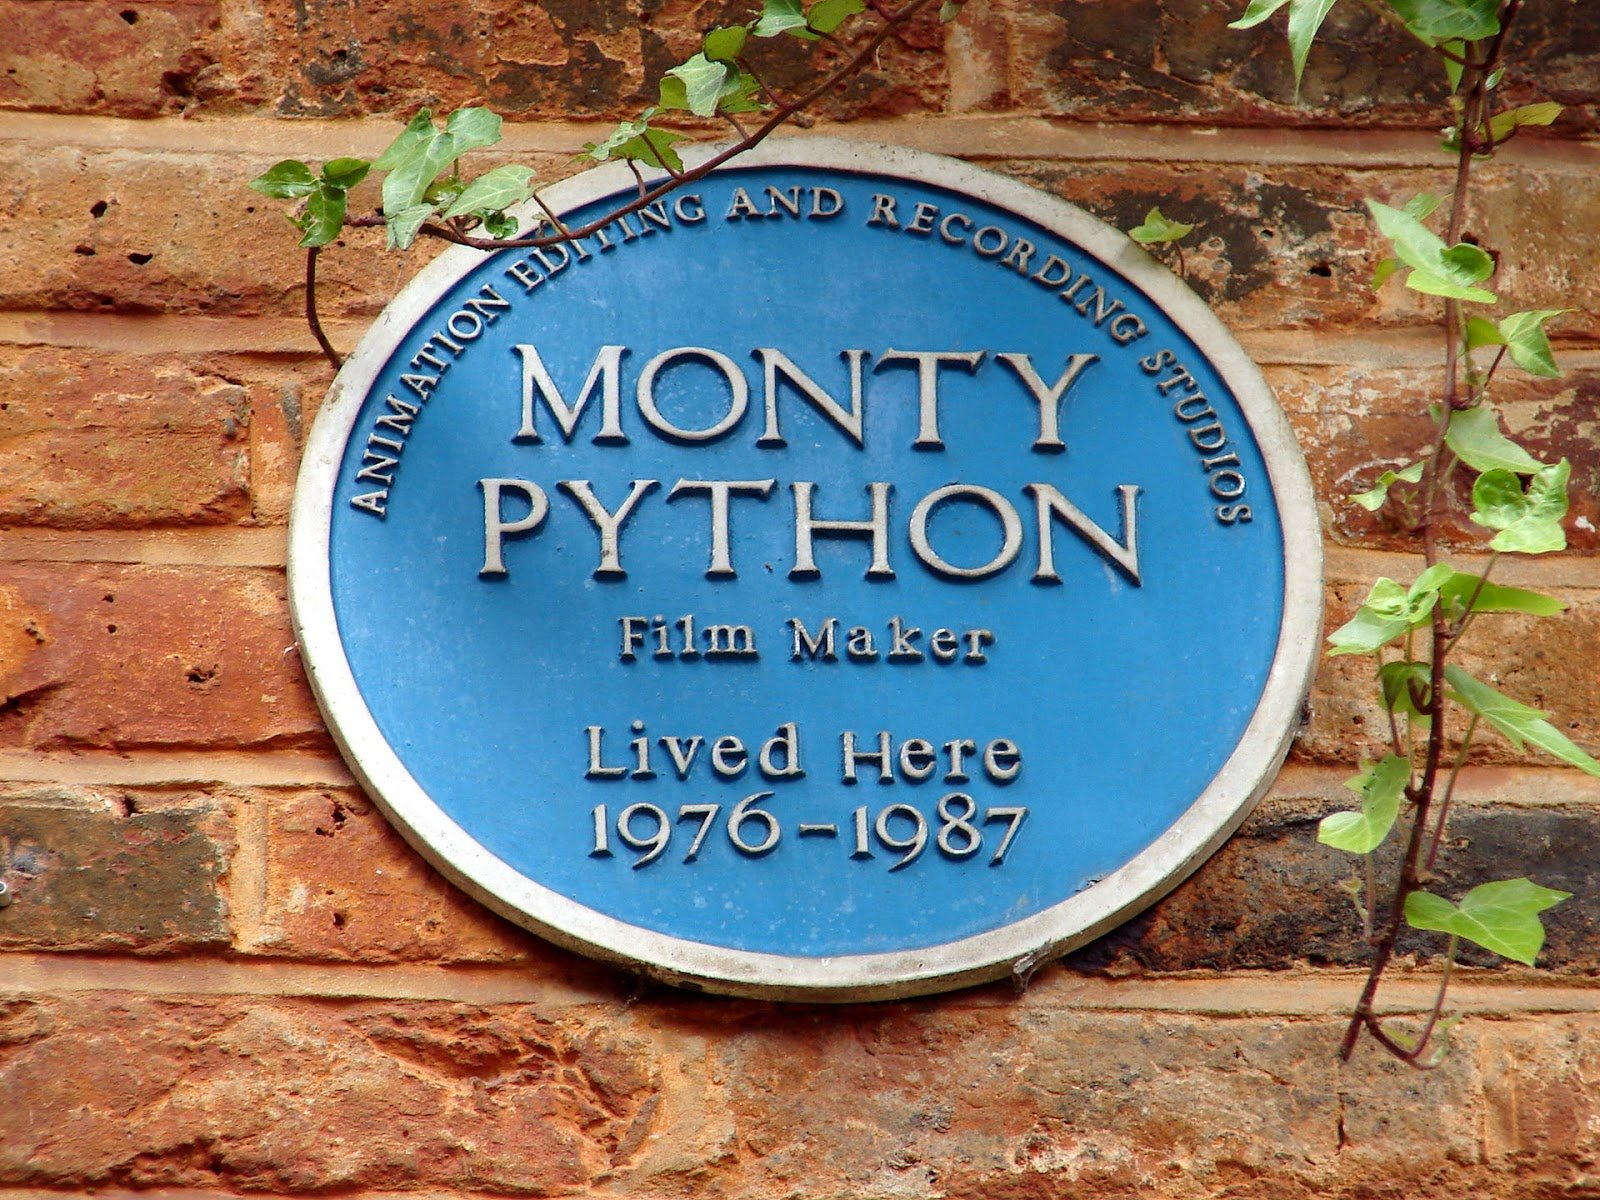 Monty Python logo